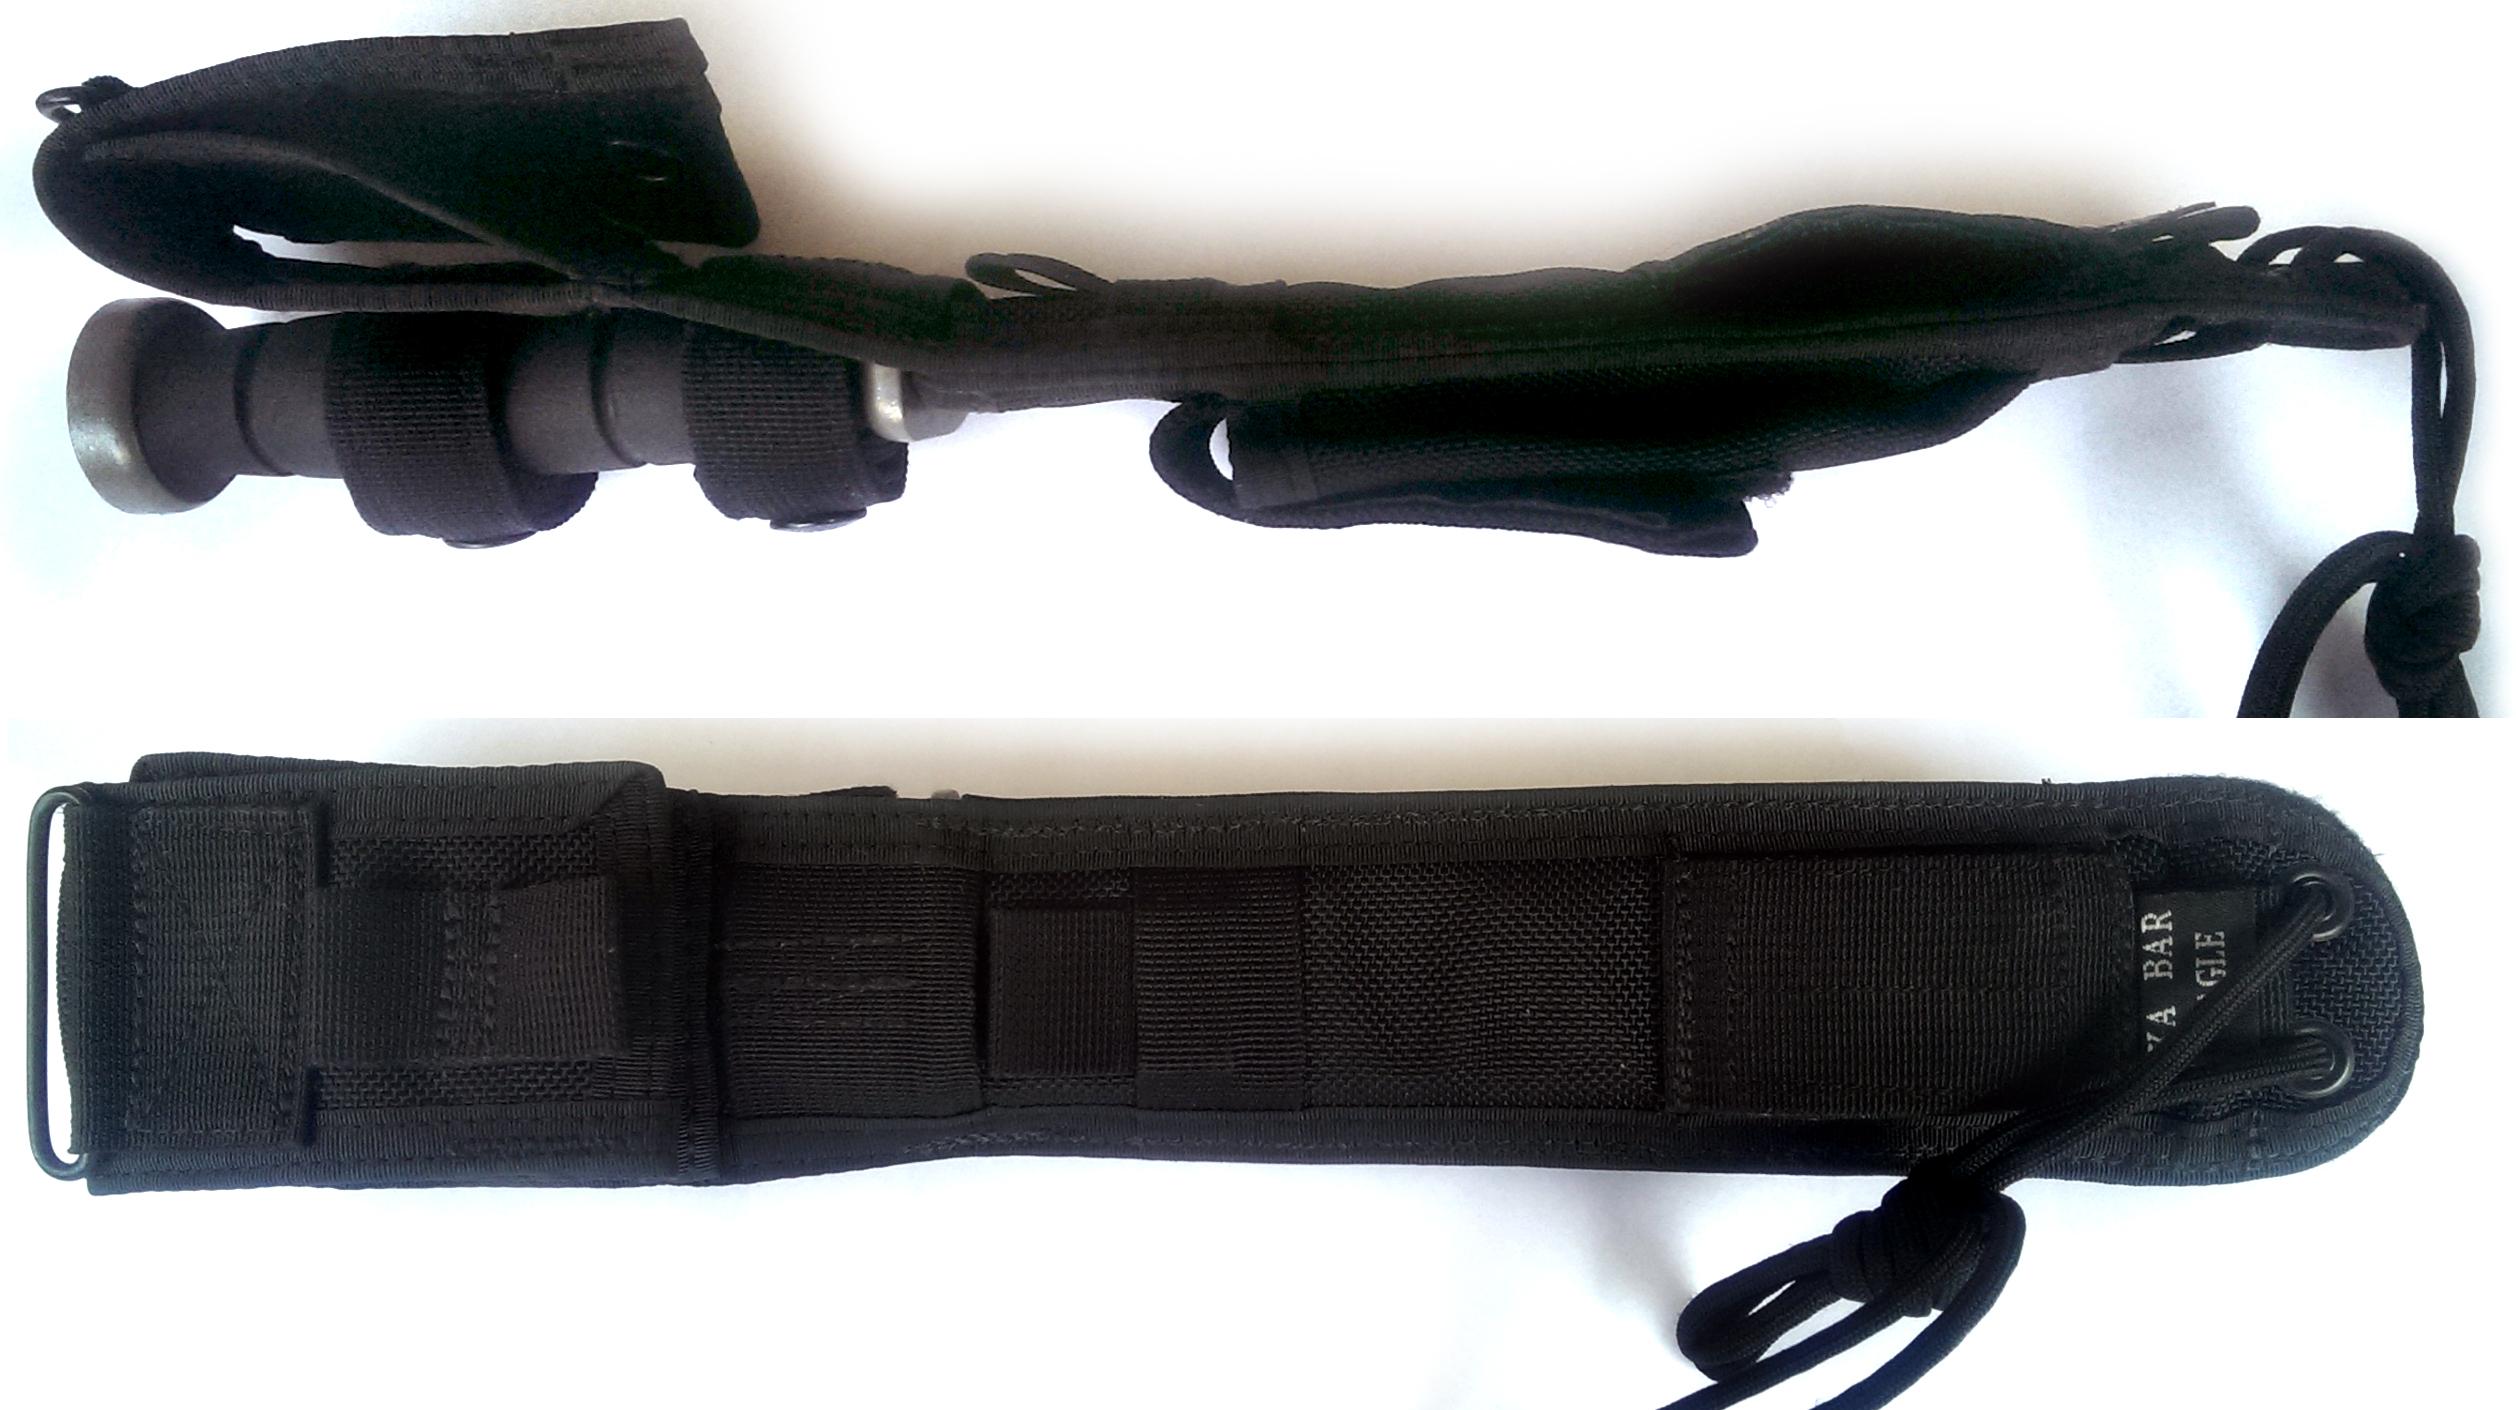 The side and back of the KA-BAR Eagle Cordura sheath